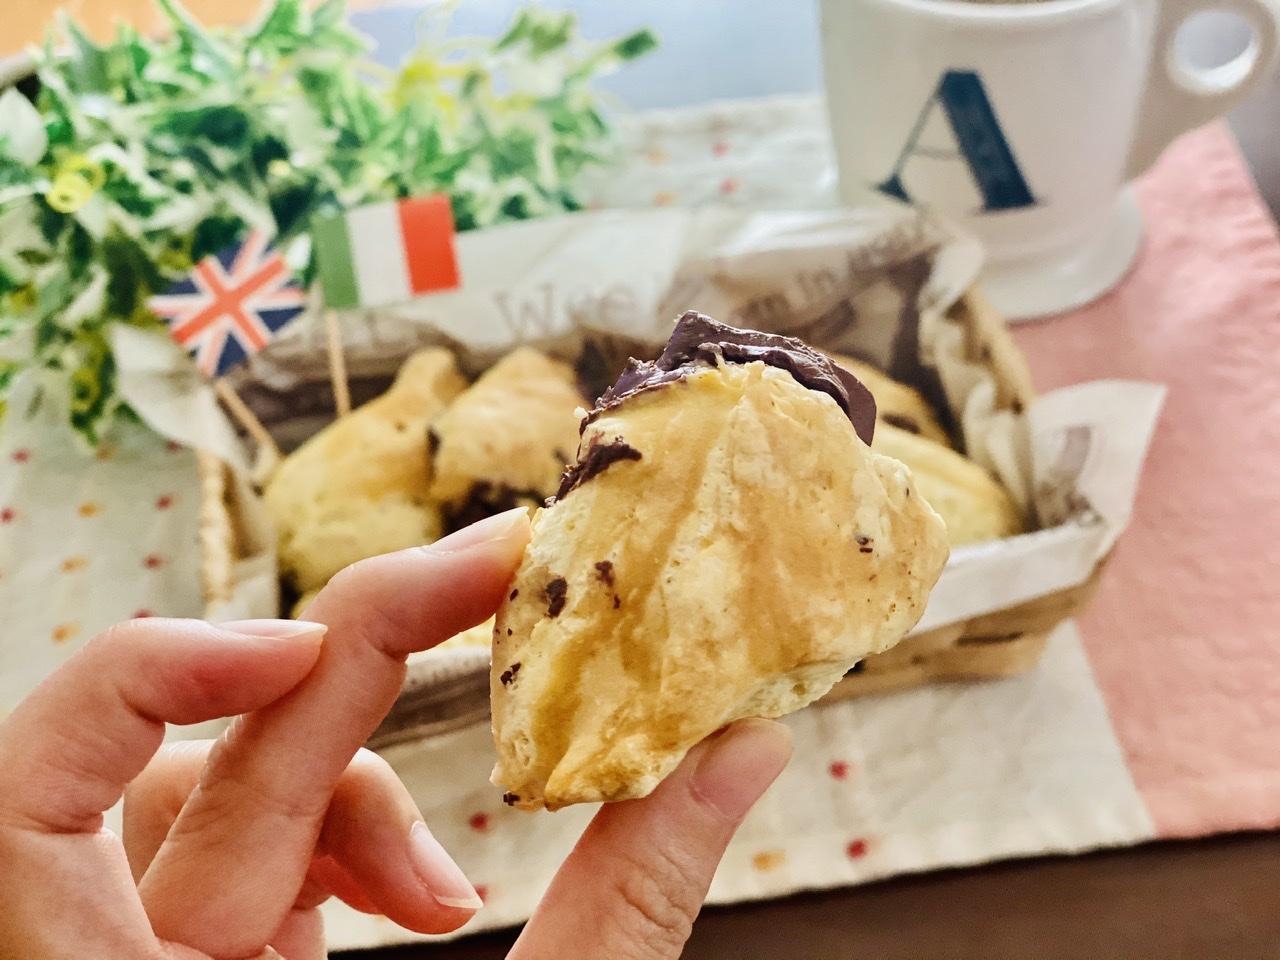 【おうちカフェ】超簡単なのに絶品★ホットケーキミックスでつくる人気レシピを実践♡-チョコチャンクスコーン-_4